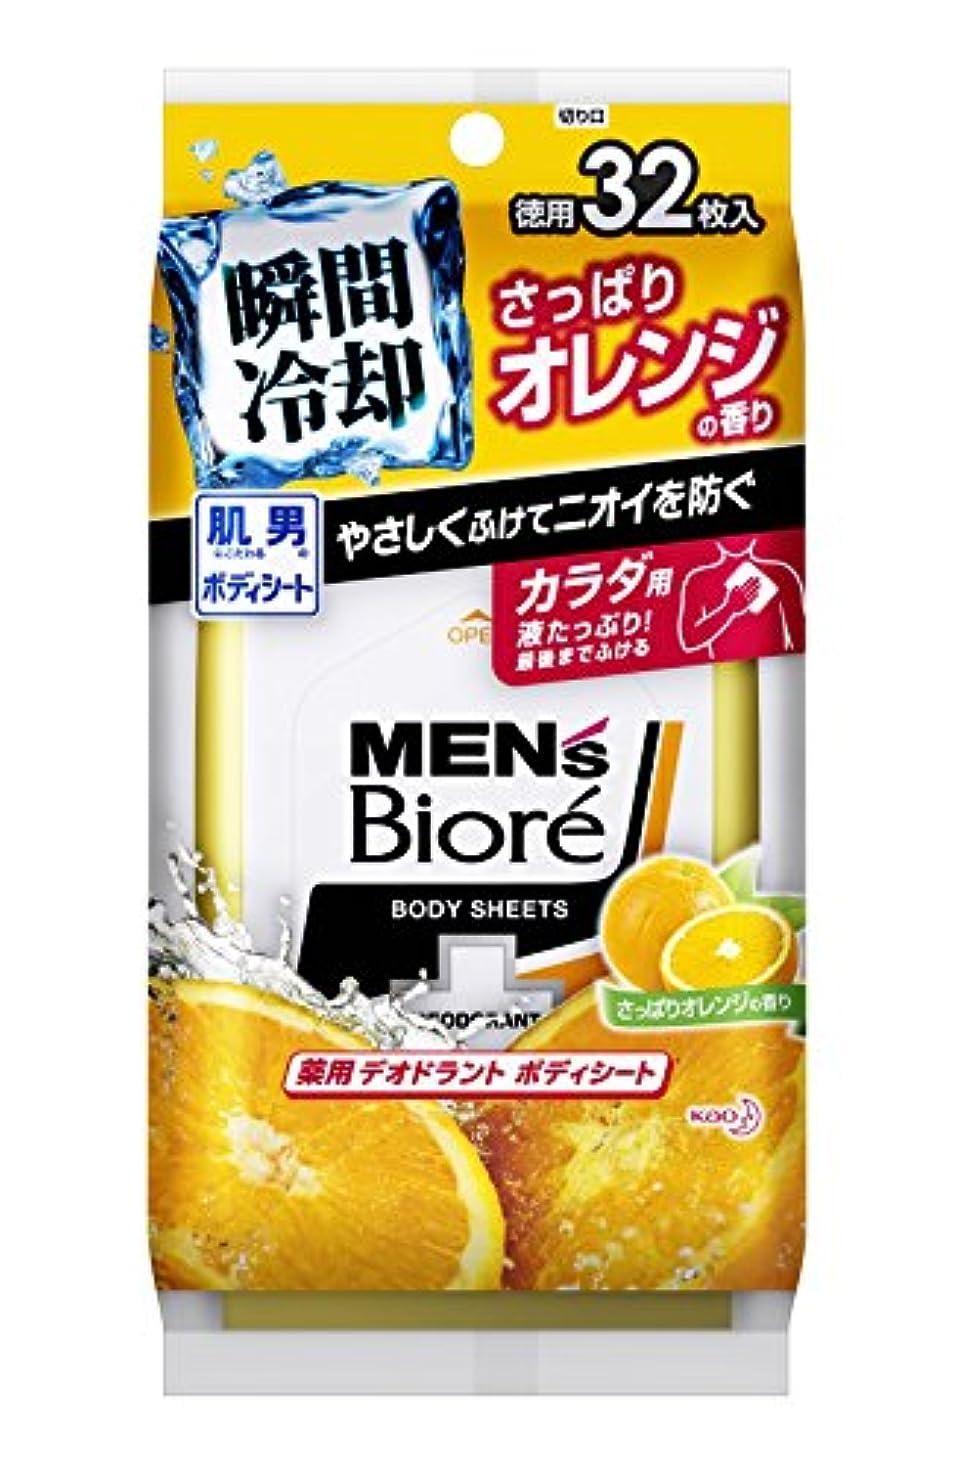 本能厳統計メンズビオレ 薬用デオドラントボディシート さっぱりオレンジの香り 32枚